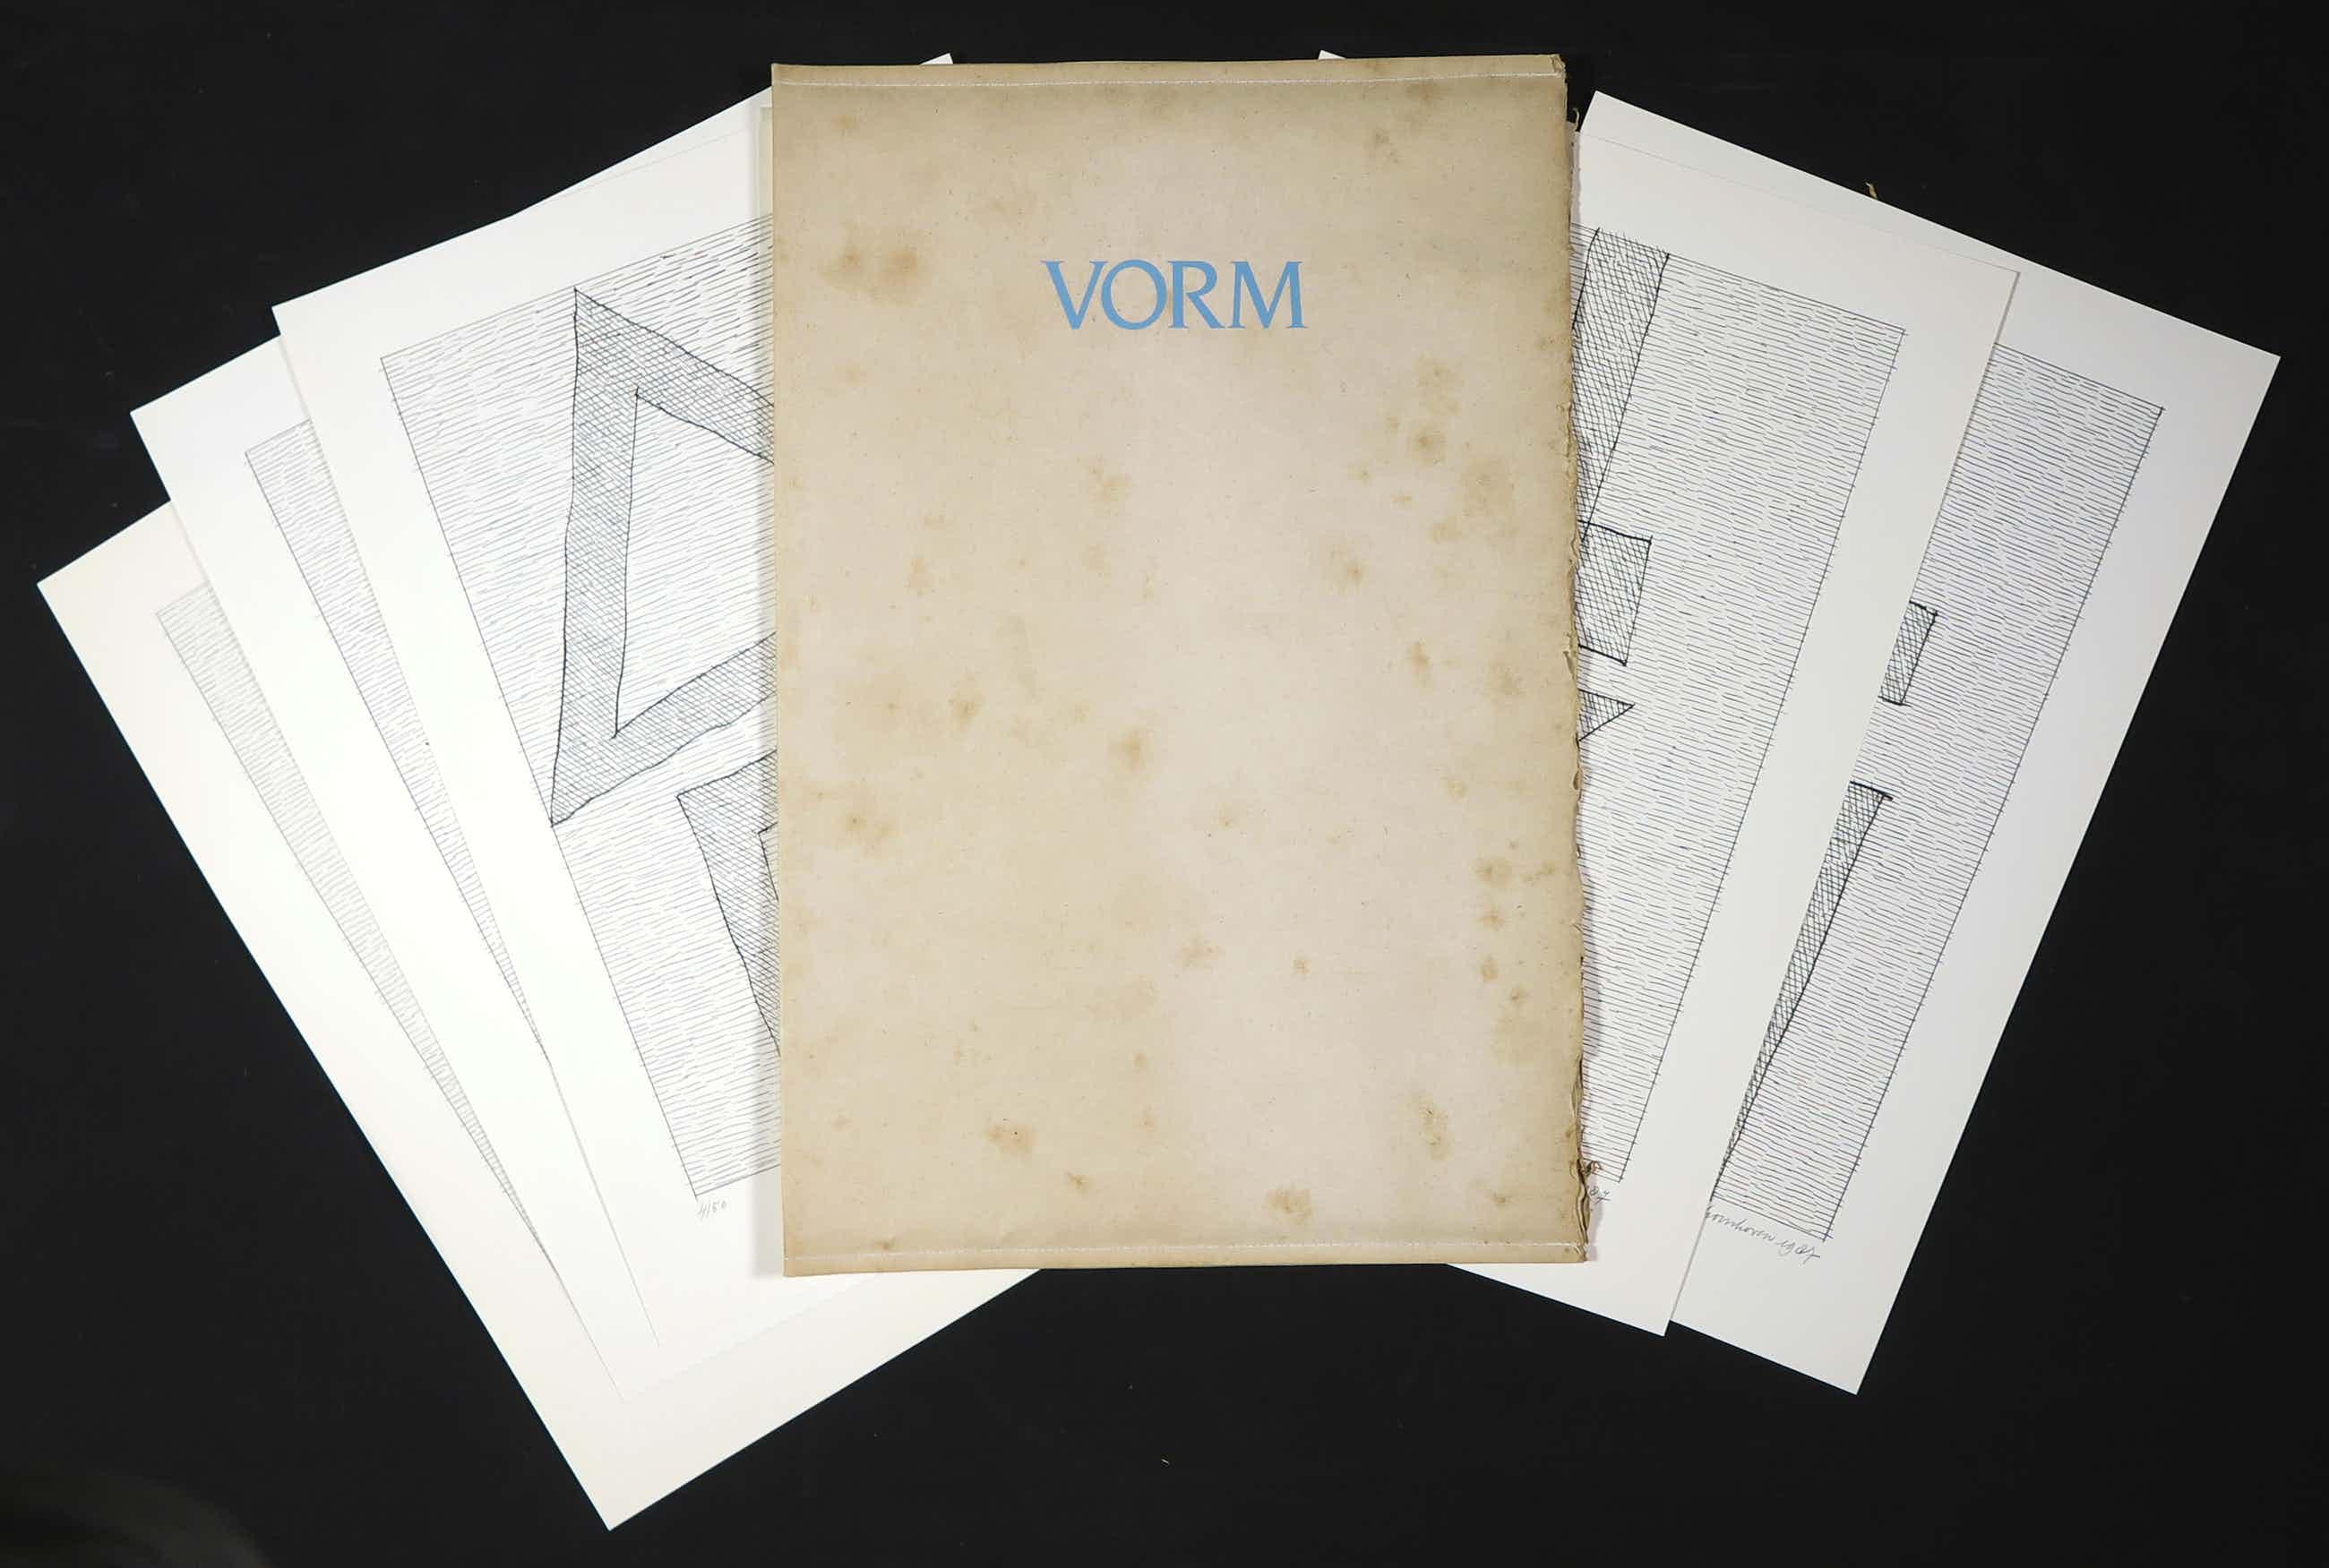 Jan Schoonhoven - Complete portfolio met 6 zeefdrukken, Vorm kopen? Bied vanaf 1348!